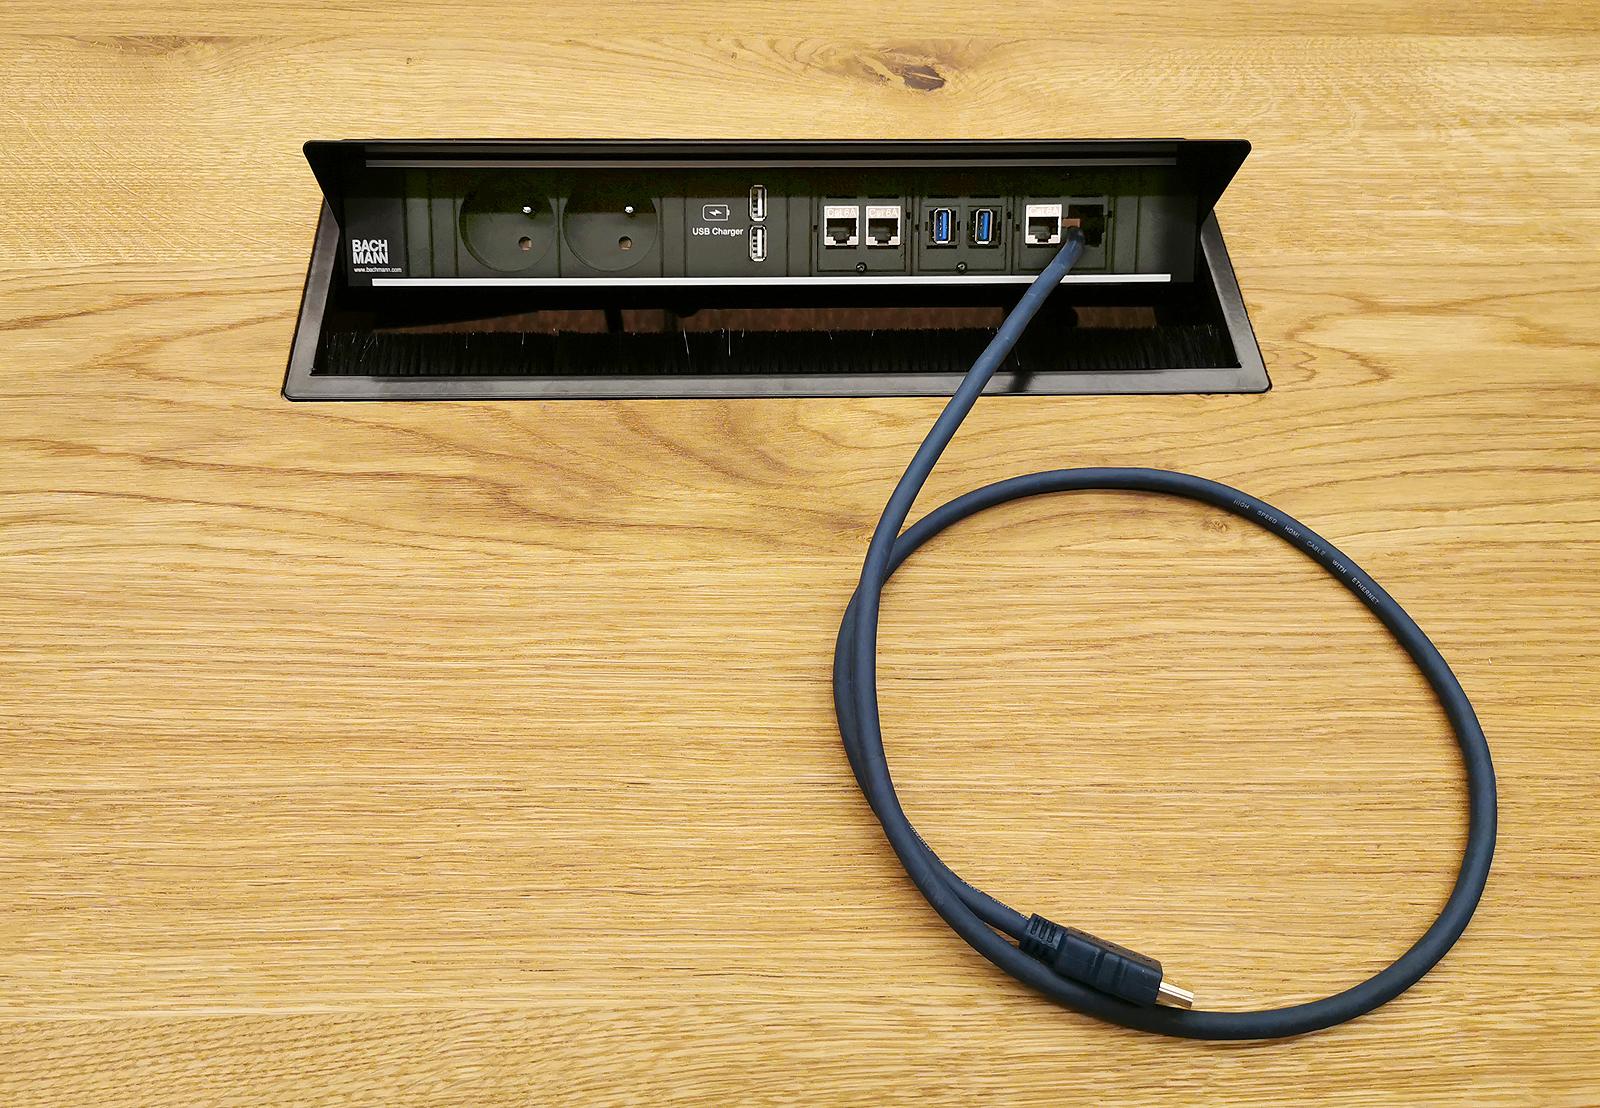 Connectique intégrée au mobilier